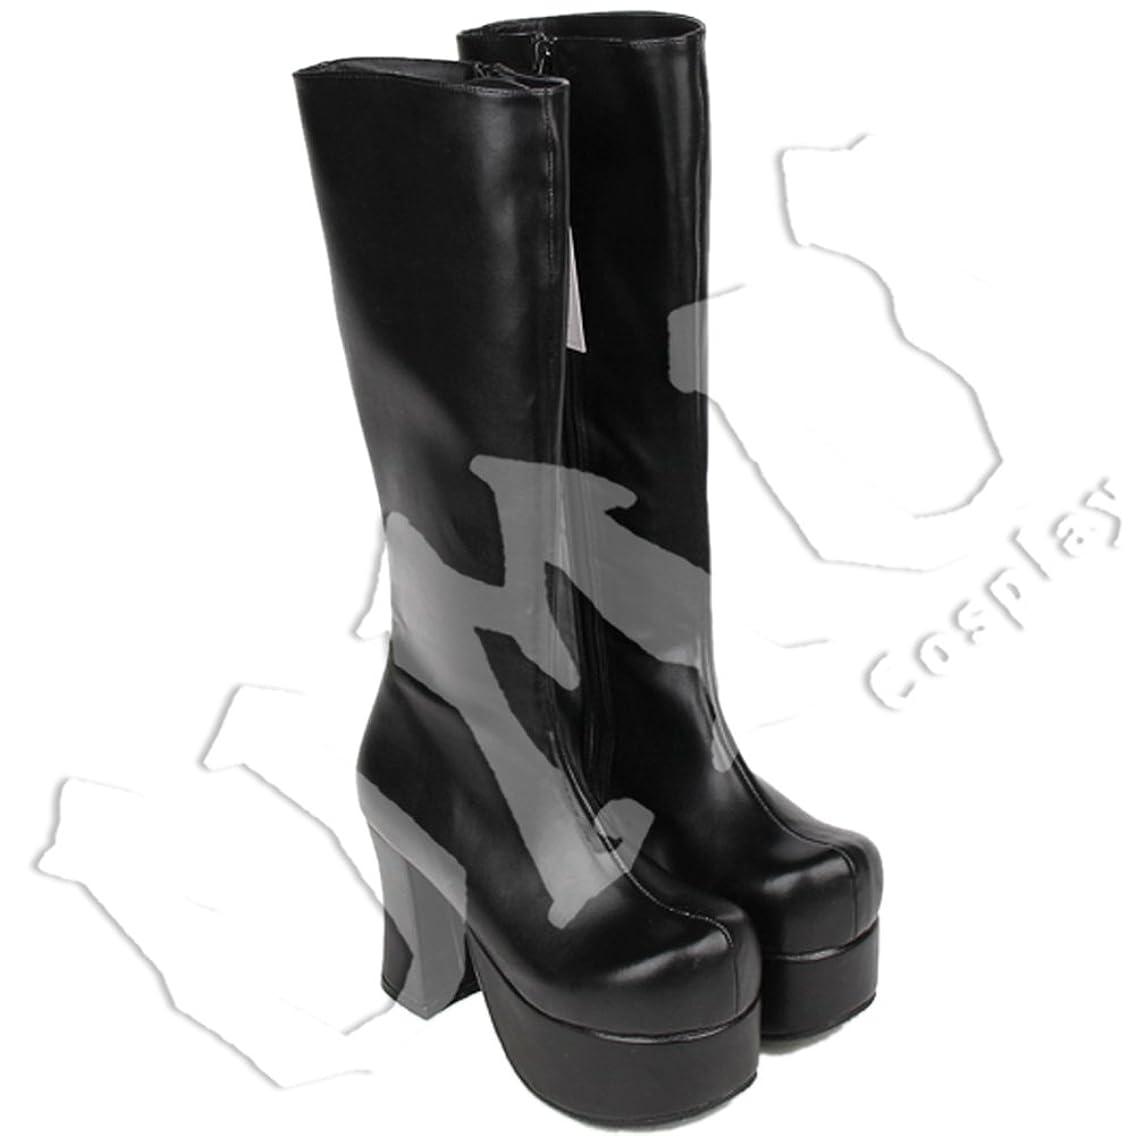 どこにも高い想像力【UMU】 足27cm LOLITA ロリータ クロ 純黒 ロング 基本 風 靴 オーダーメイド(ヒール高、材質、靴色は変更可能!)